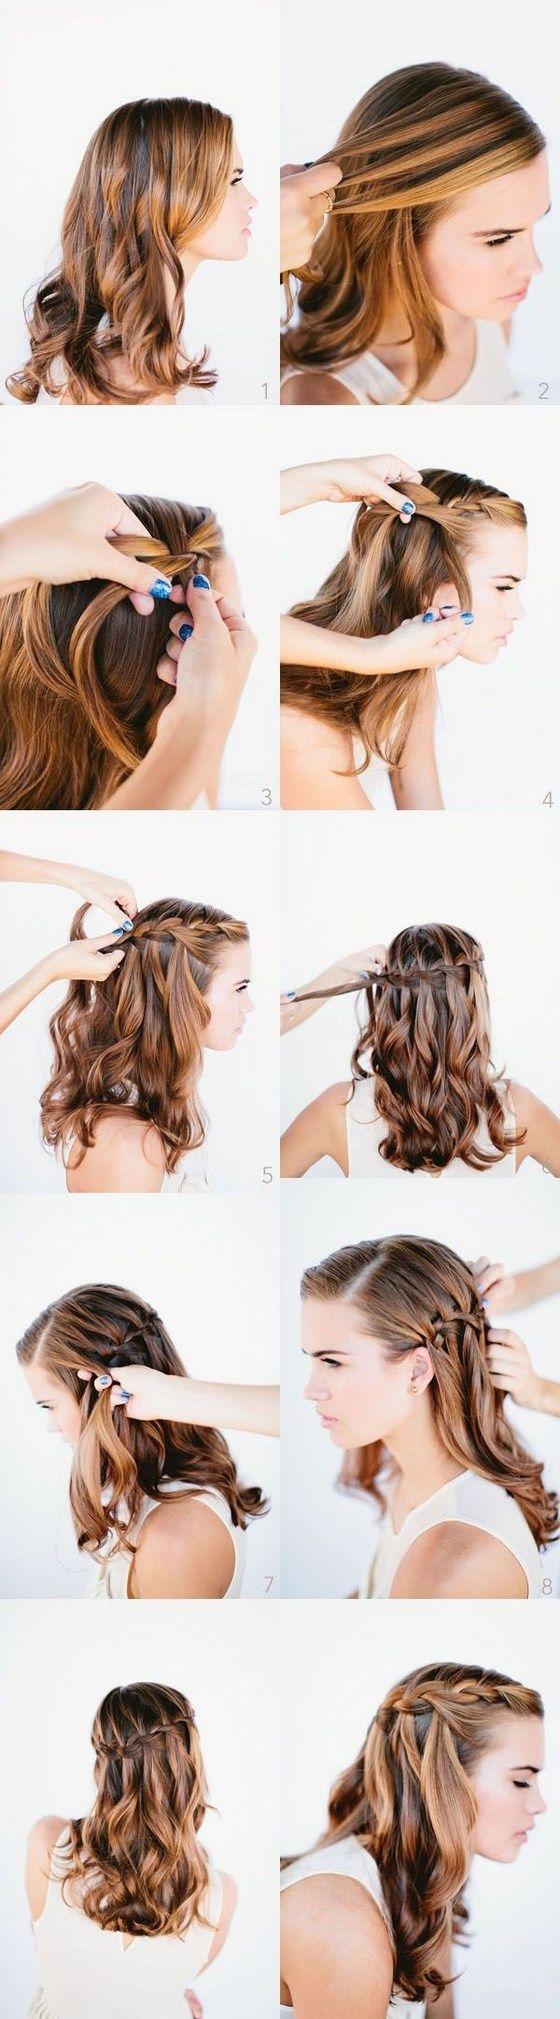 14 Peinados sencillos y elegantes